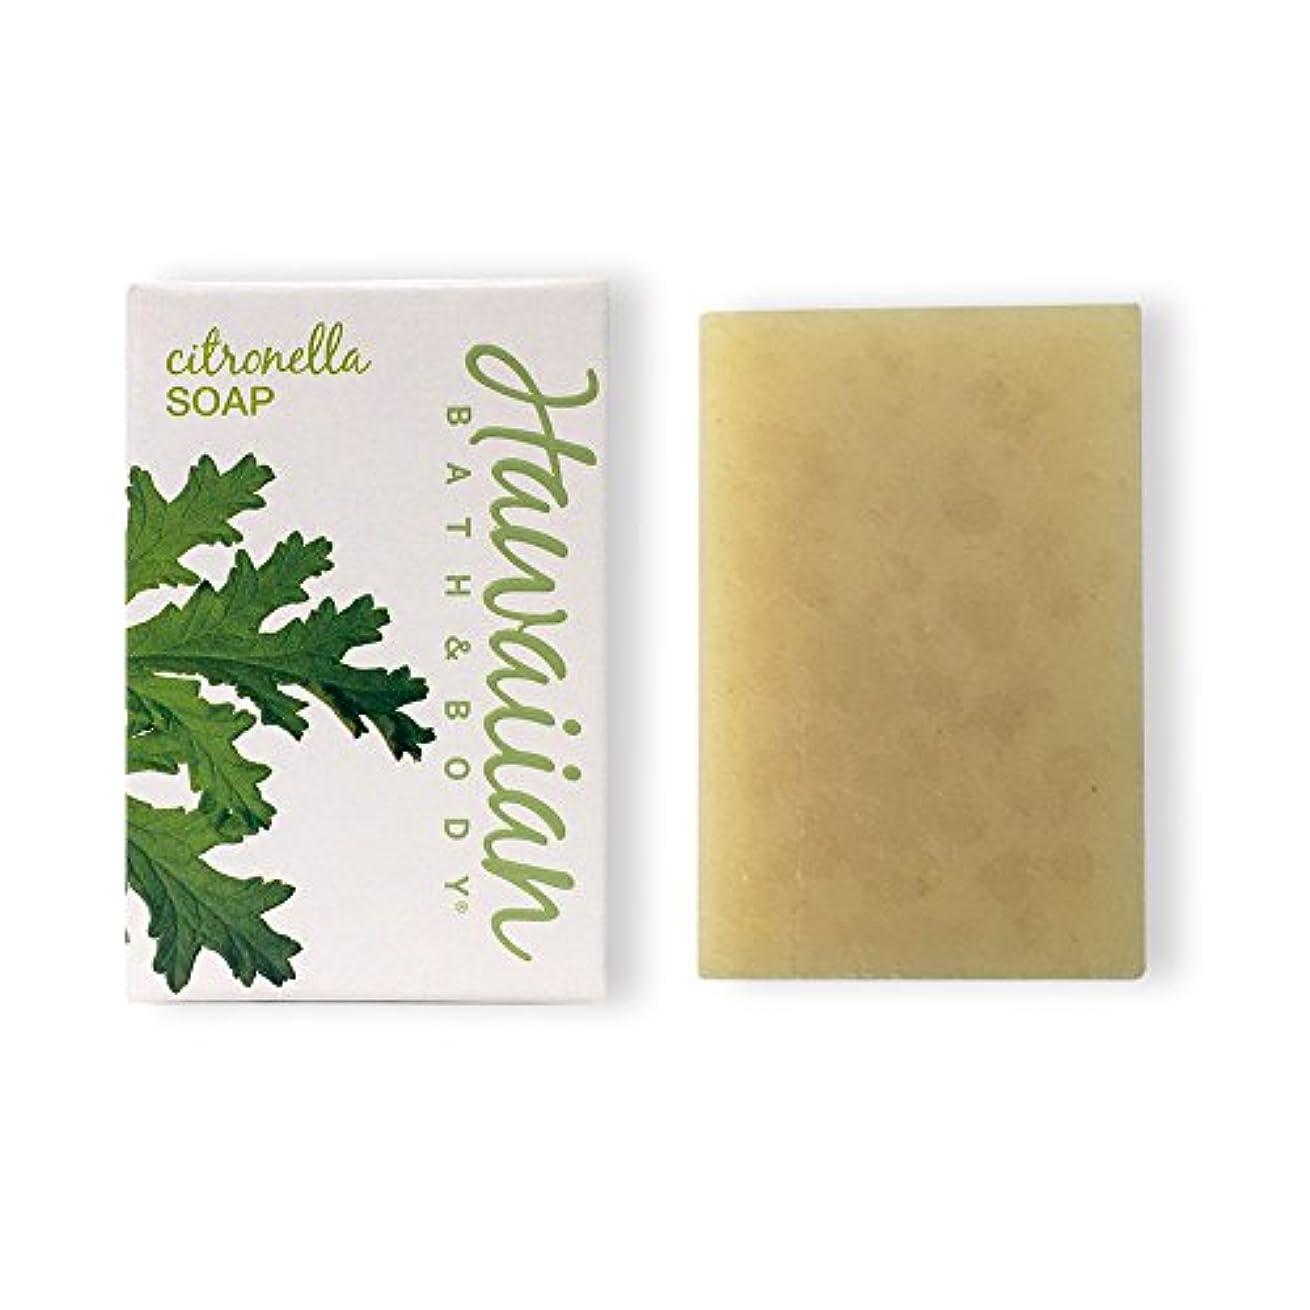 ツーリストスワップ管理者ハワイアンバス&ボディ シトロネラソープ(ビーチバー)( Citronella Soap )